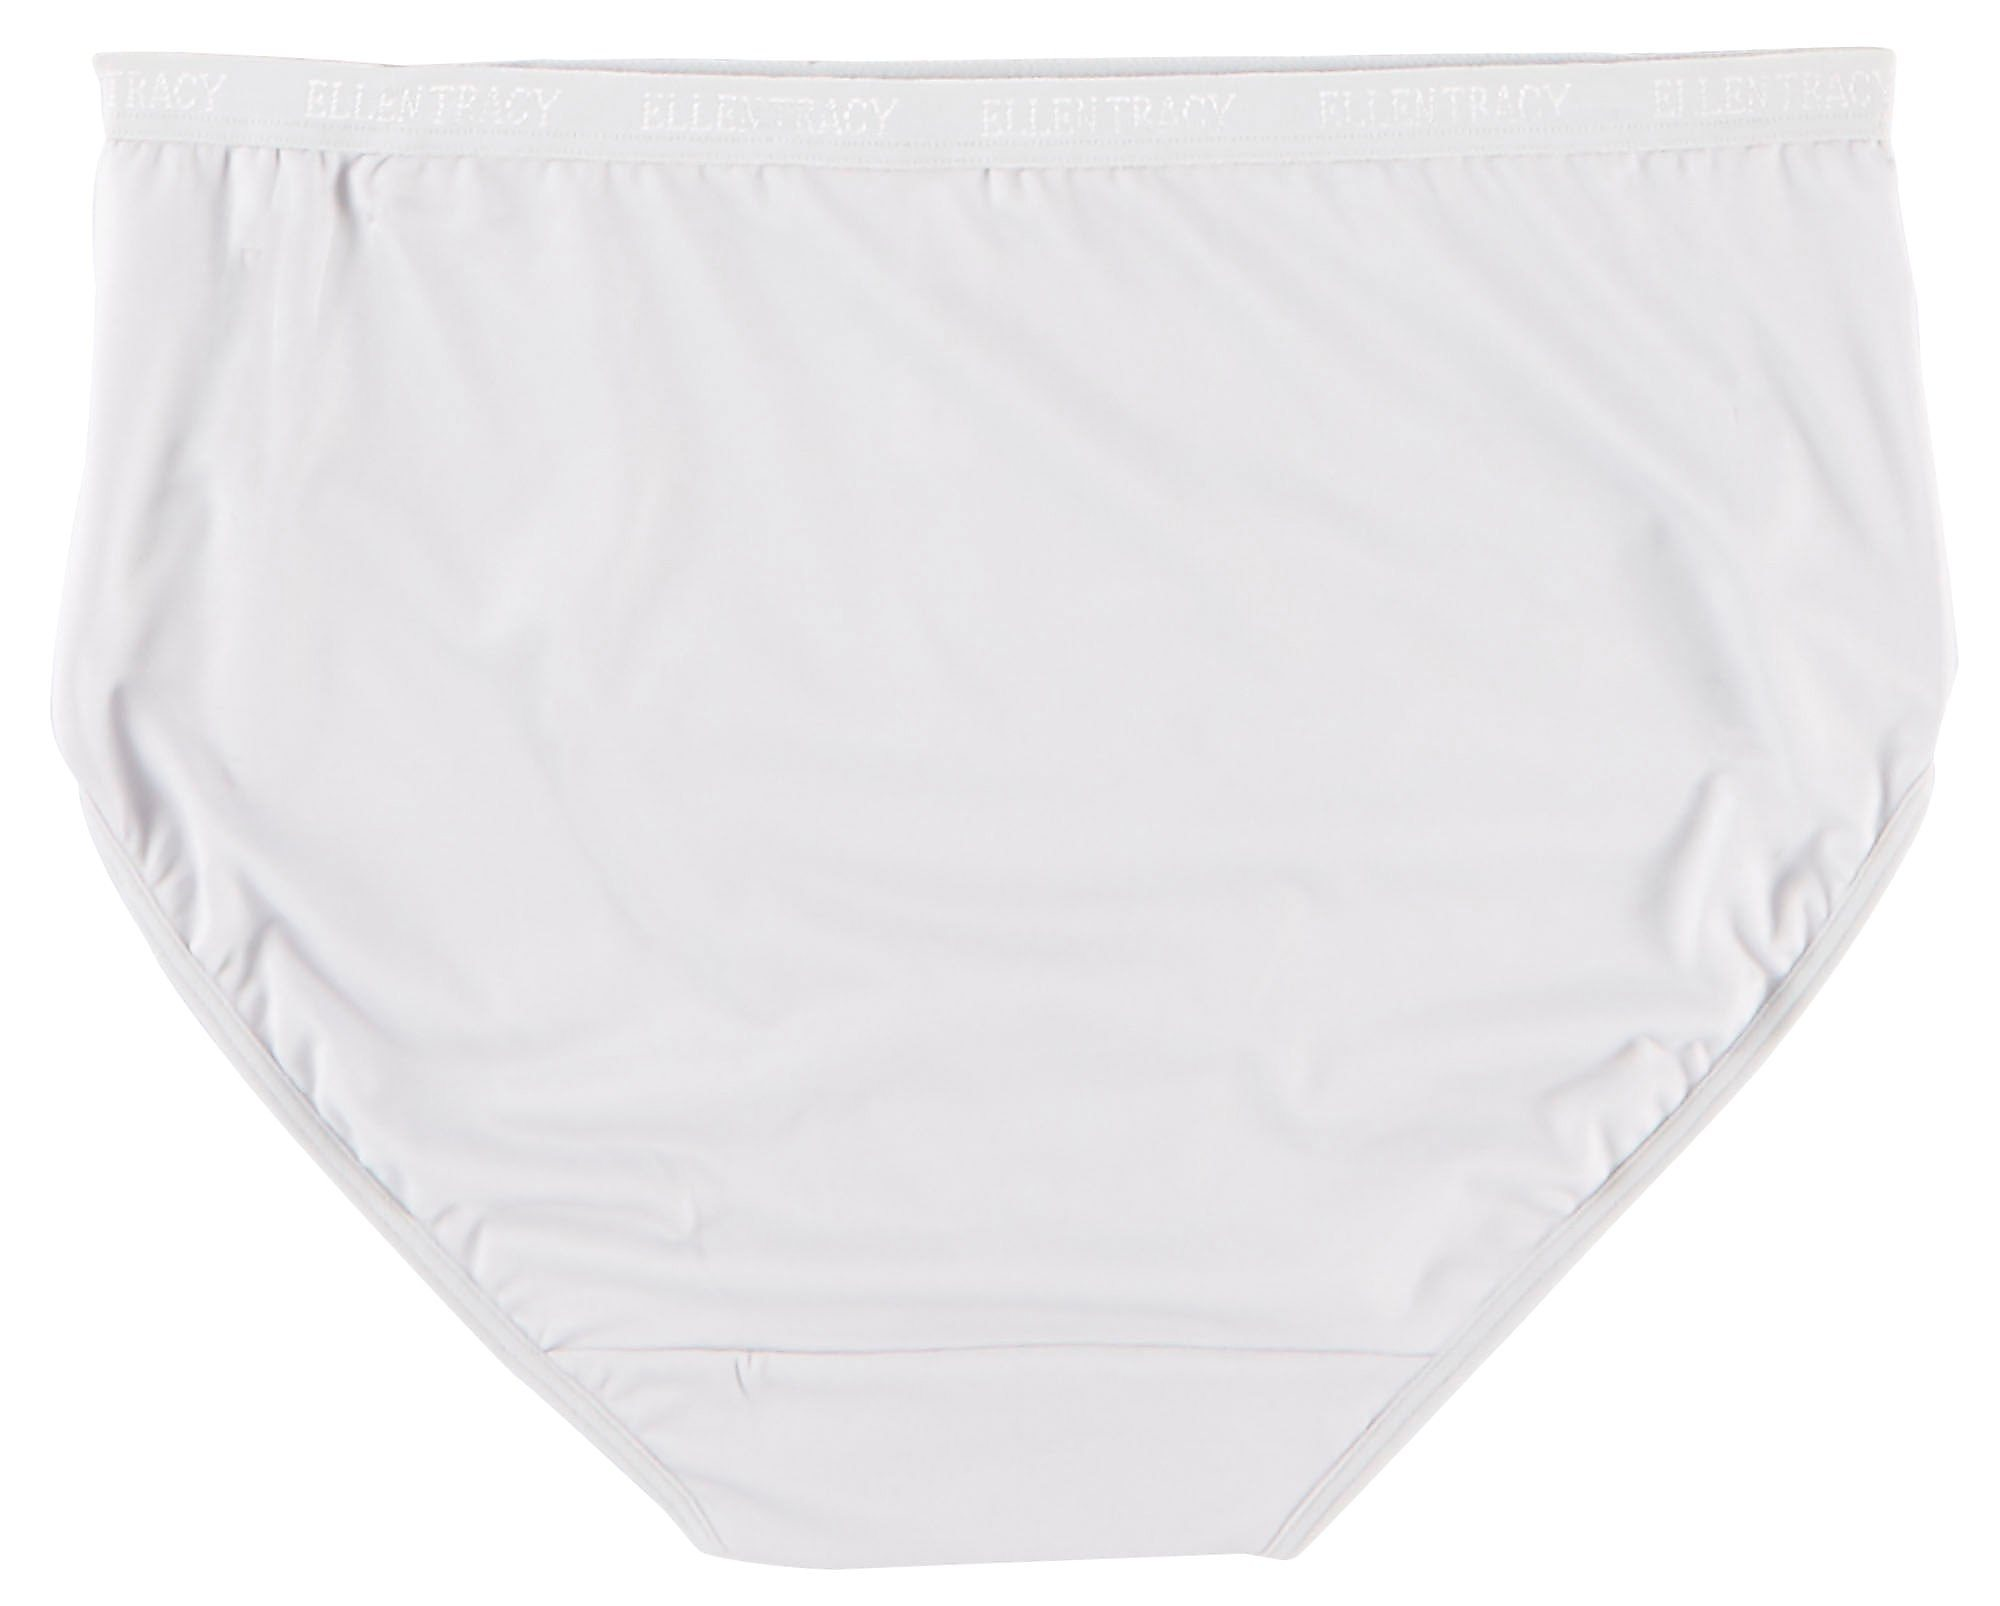 bda99bb51911 Ellen Tracy 3-pk. Light Microfiber Hi-Cut Panties 51209P3 | eBay